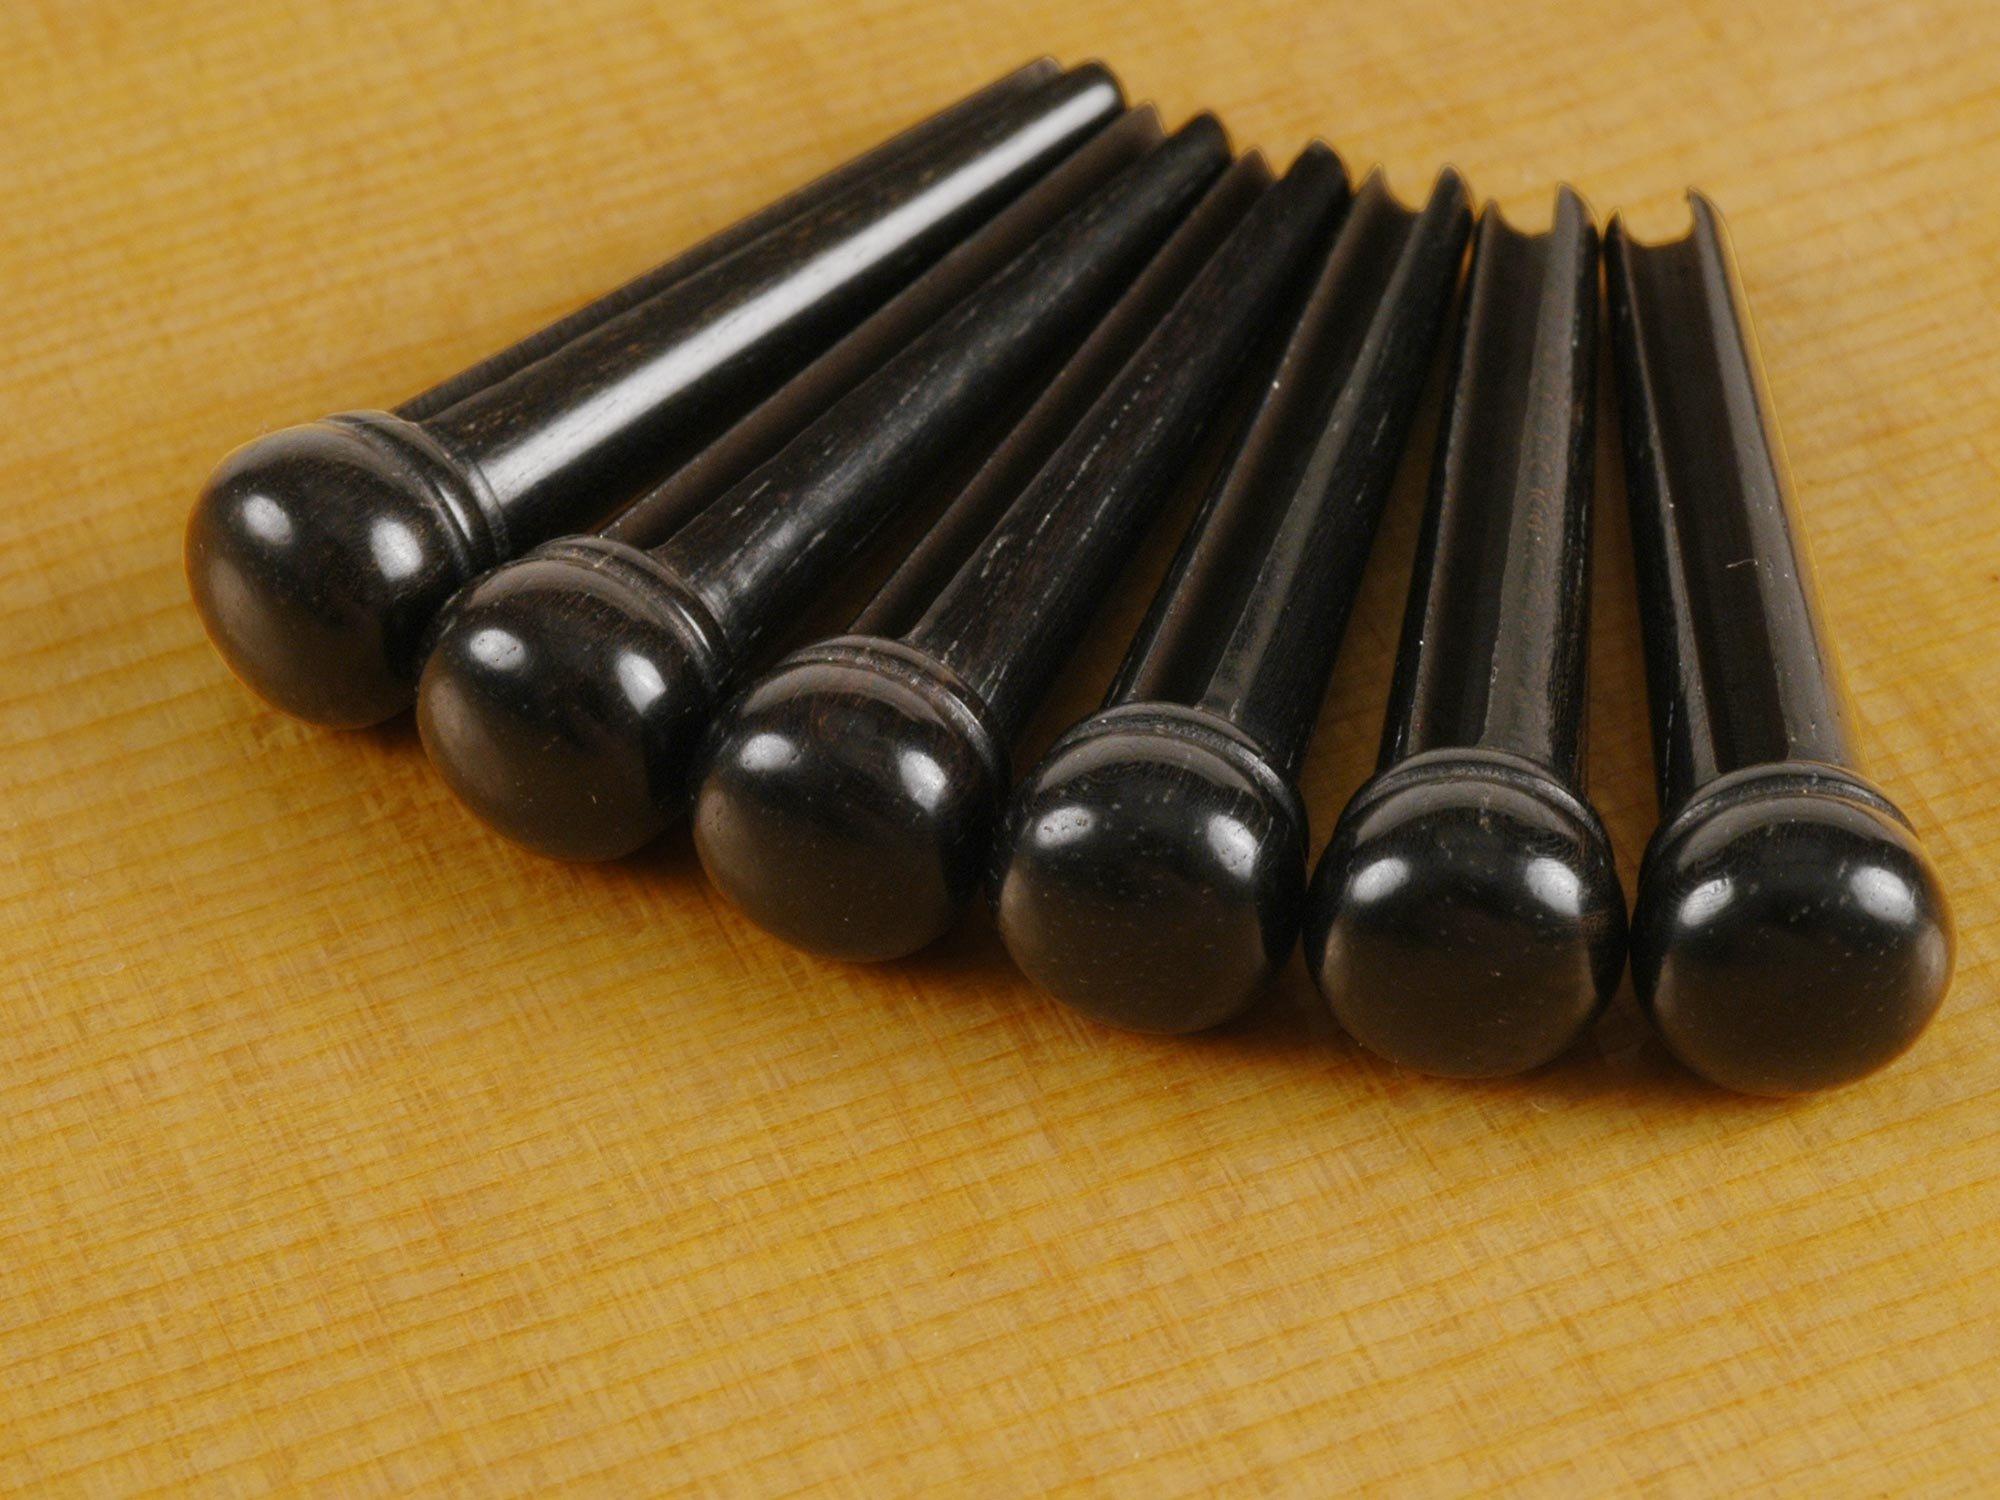 Waverly Ebony Guitar Bridge Pins, Slotted, Set of 6